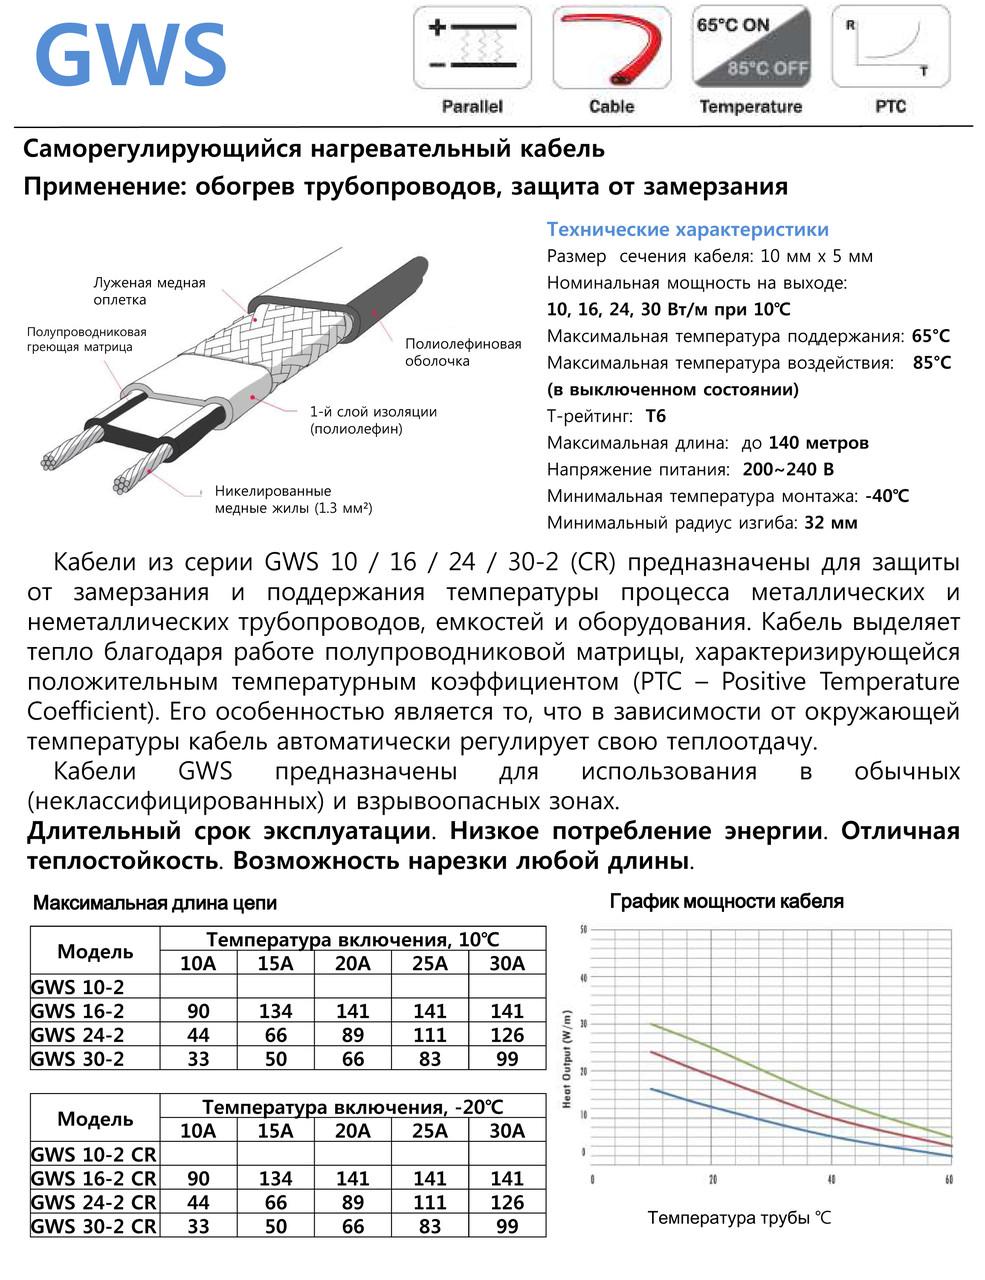 Саморегулирующийся кабель GWS 10-2, 10 Вт/м